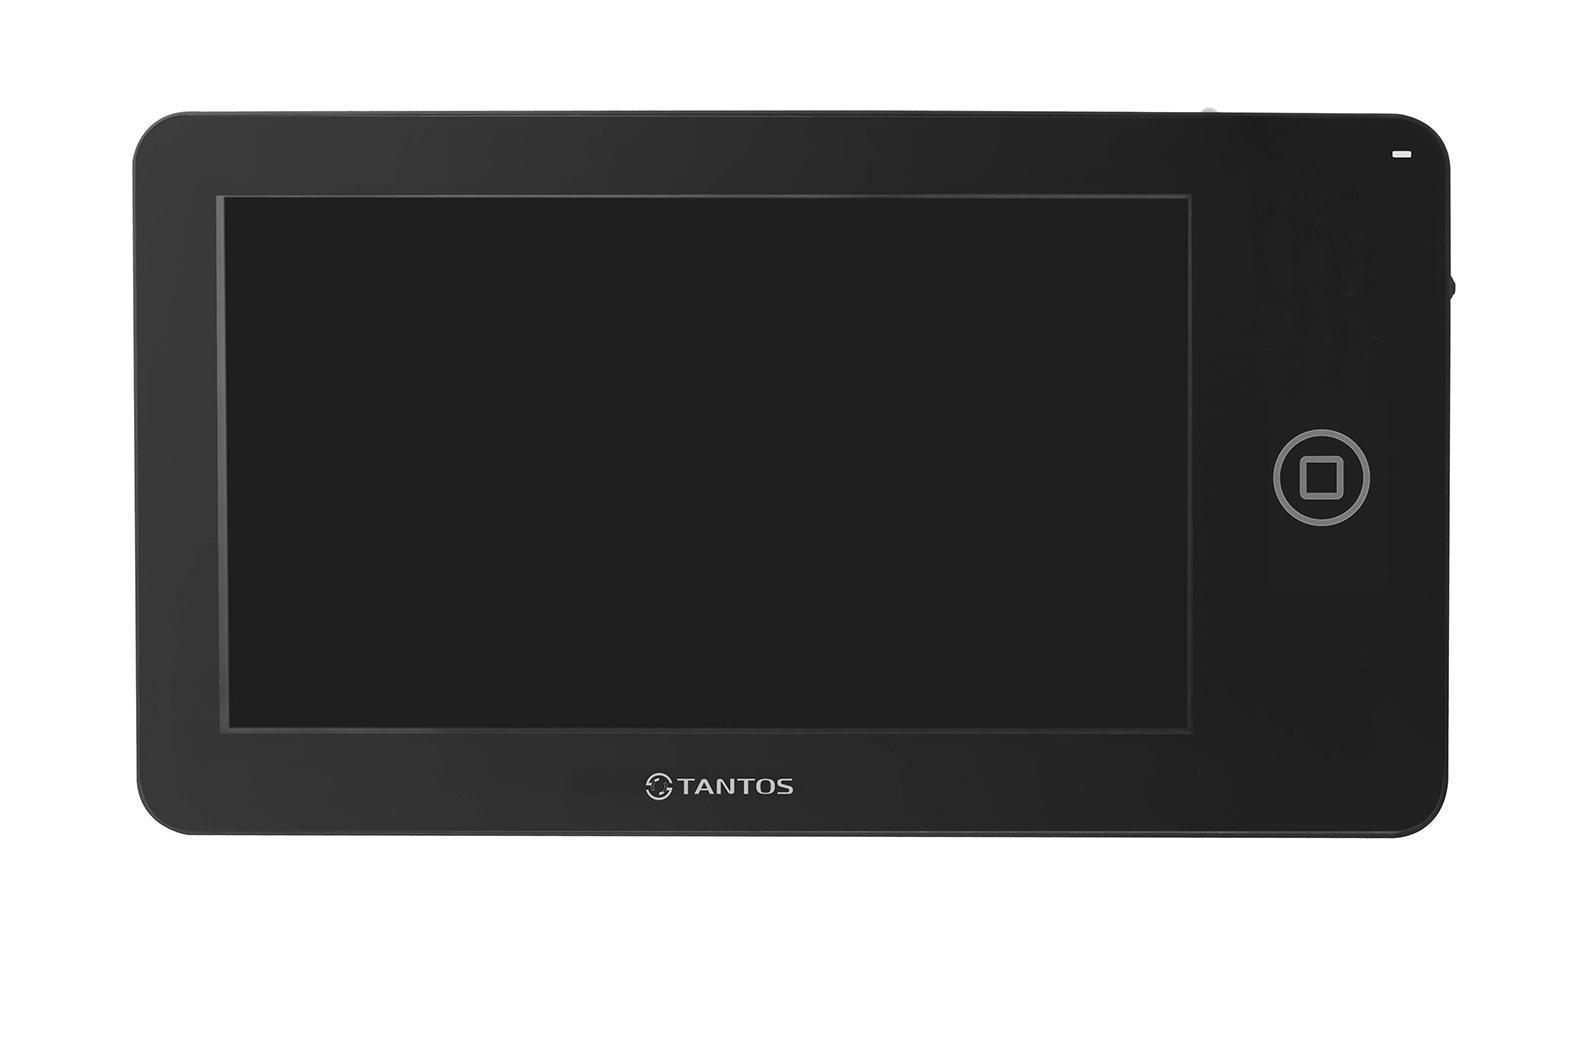 Tantos NEO, Black монитор домофона00-00014349Классический вариант монитора 7 дюймов. Ничего лишнего, идеальный вариант дляофиса или квартиры с пожилыми людьми. Видеодомофон позволяет осуществлять внутреннюю видеосвязь между абонентами жилого помещения. Предназначен для возможности дистанционного наблюдения пространства перед входной дверью и организации двухсторонней аудио связи с посетителем. К монитору подключаются все самые распространенные вызывные панели отечественных и зарубежных производителей. Соединение с панелями 4-х проводное. Так же возможно подключение дополнительного оборудования: видеокамеры, вызывные панели или мониторы.